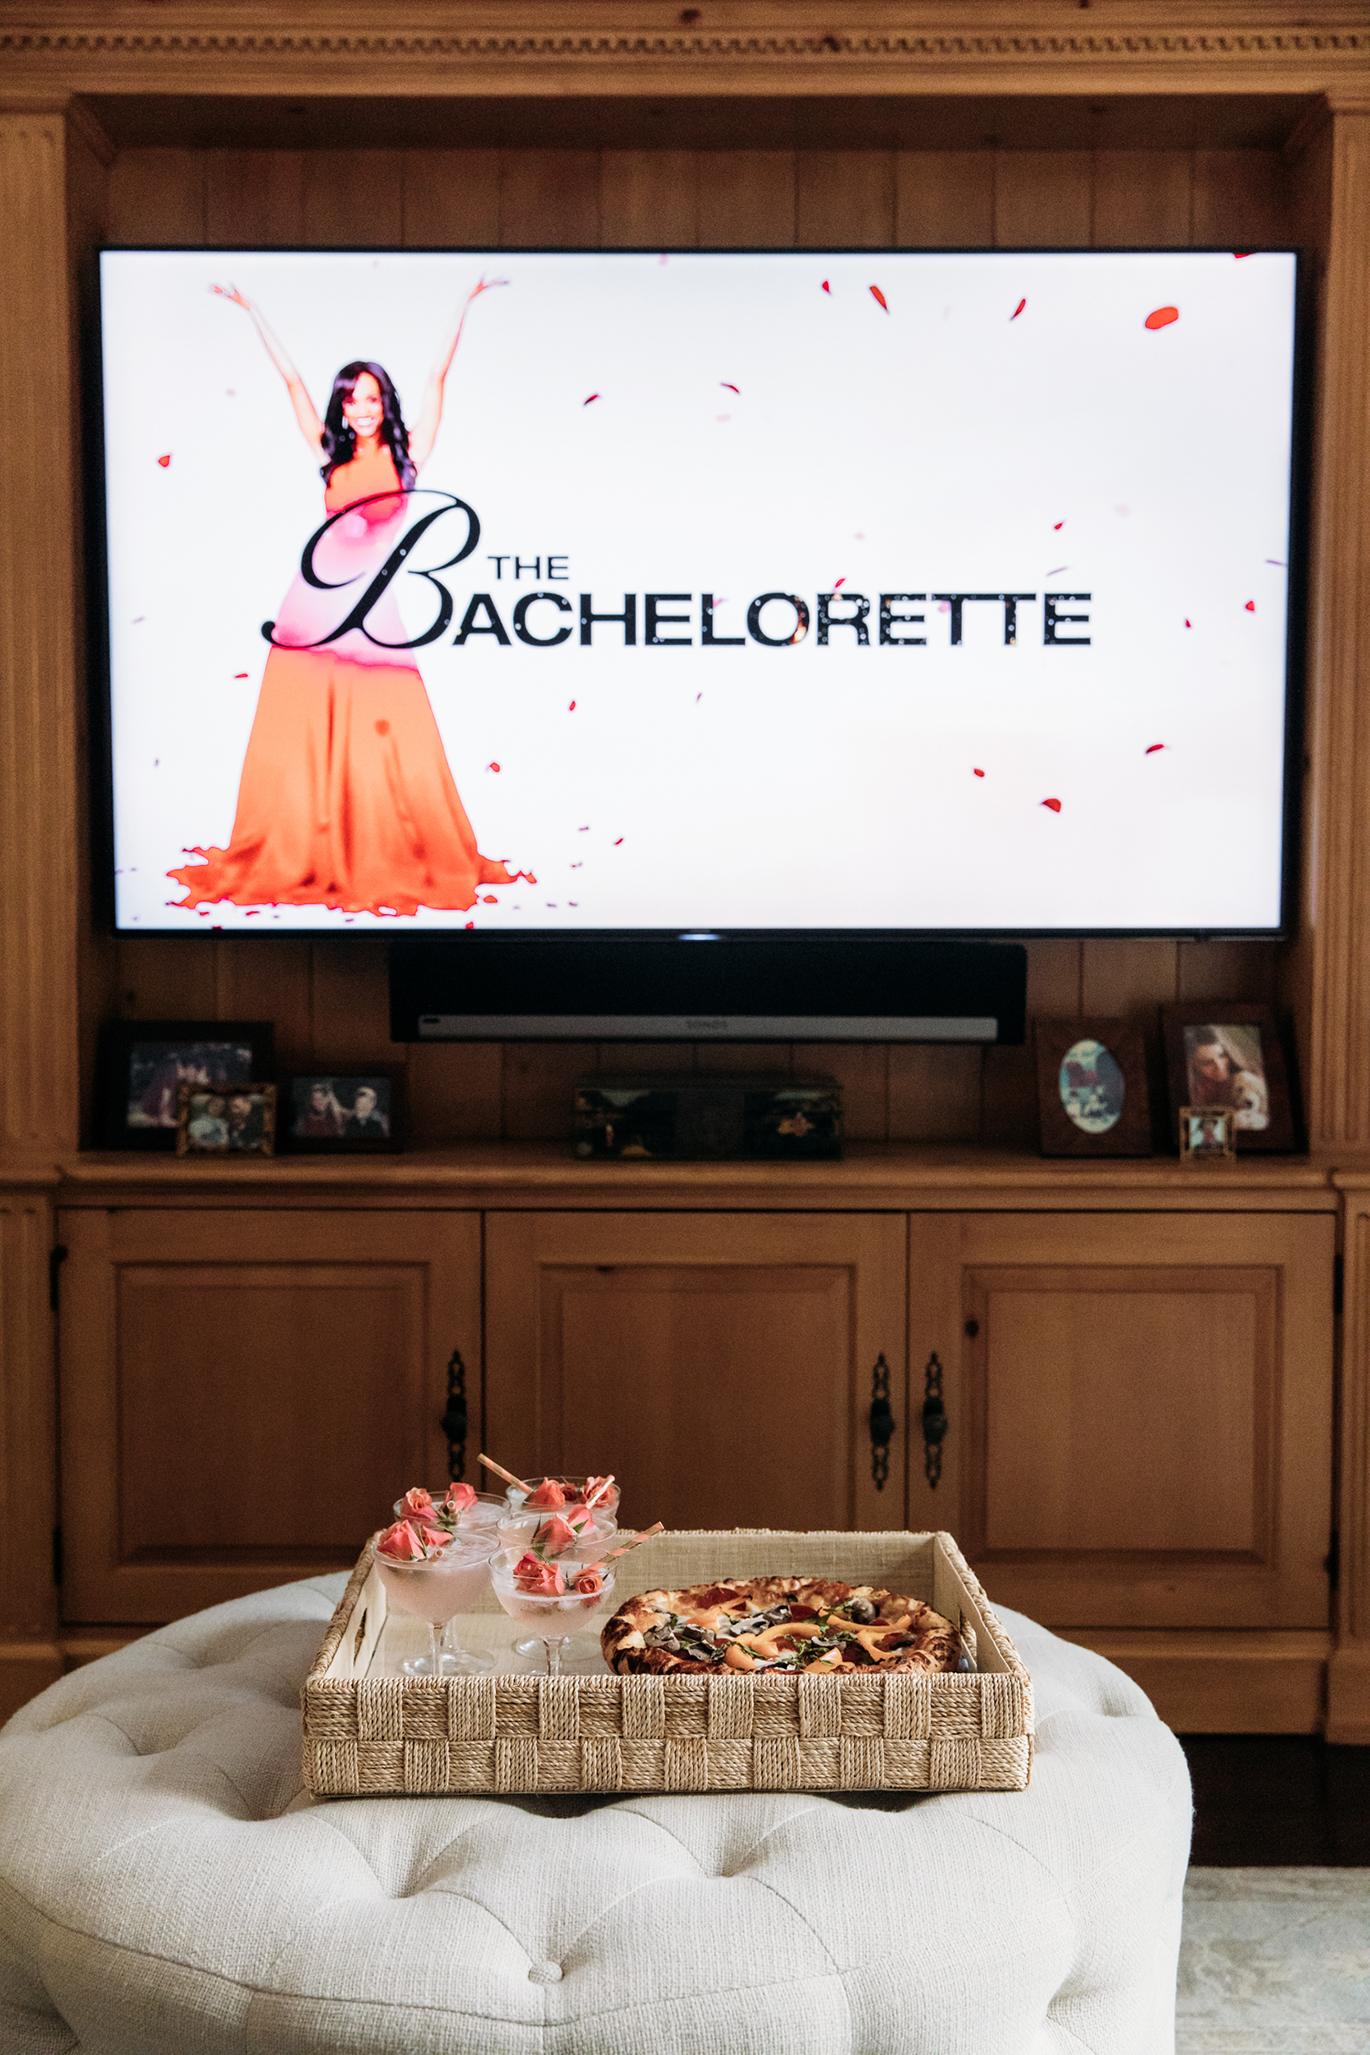 The Bachelorette Rachel Lindsay